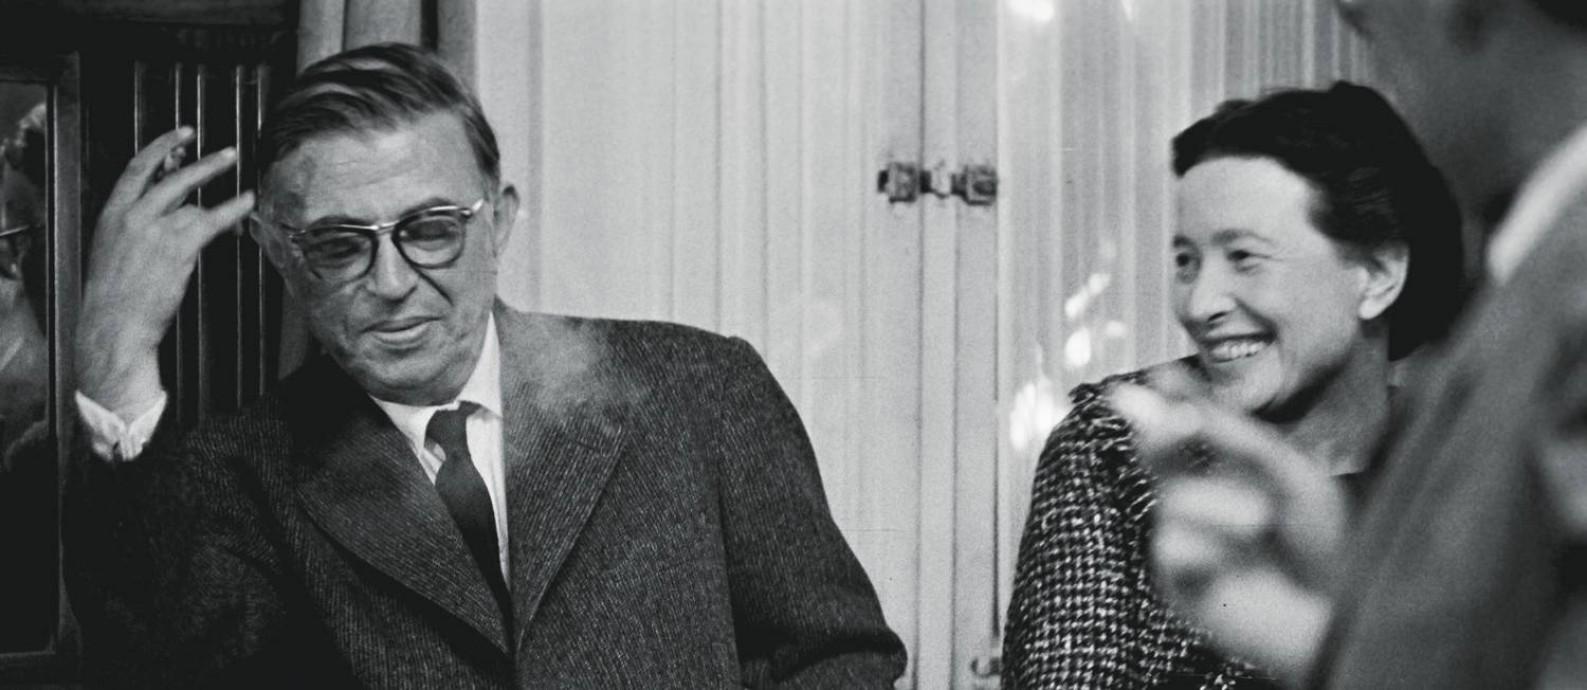 Sartre e De Beauvoir se automedicavam com anfetaminas para remediar ressacas, corações partidos e bloqueios criativos. Foto: Gerard Gery / Paris Match / Getty Images